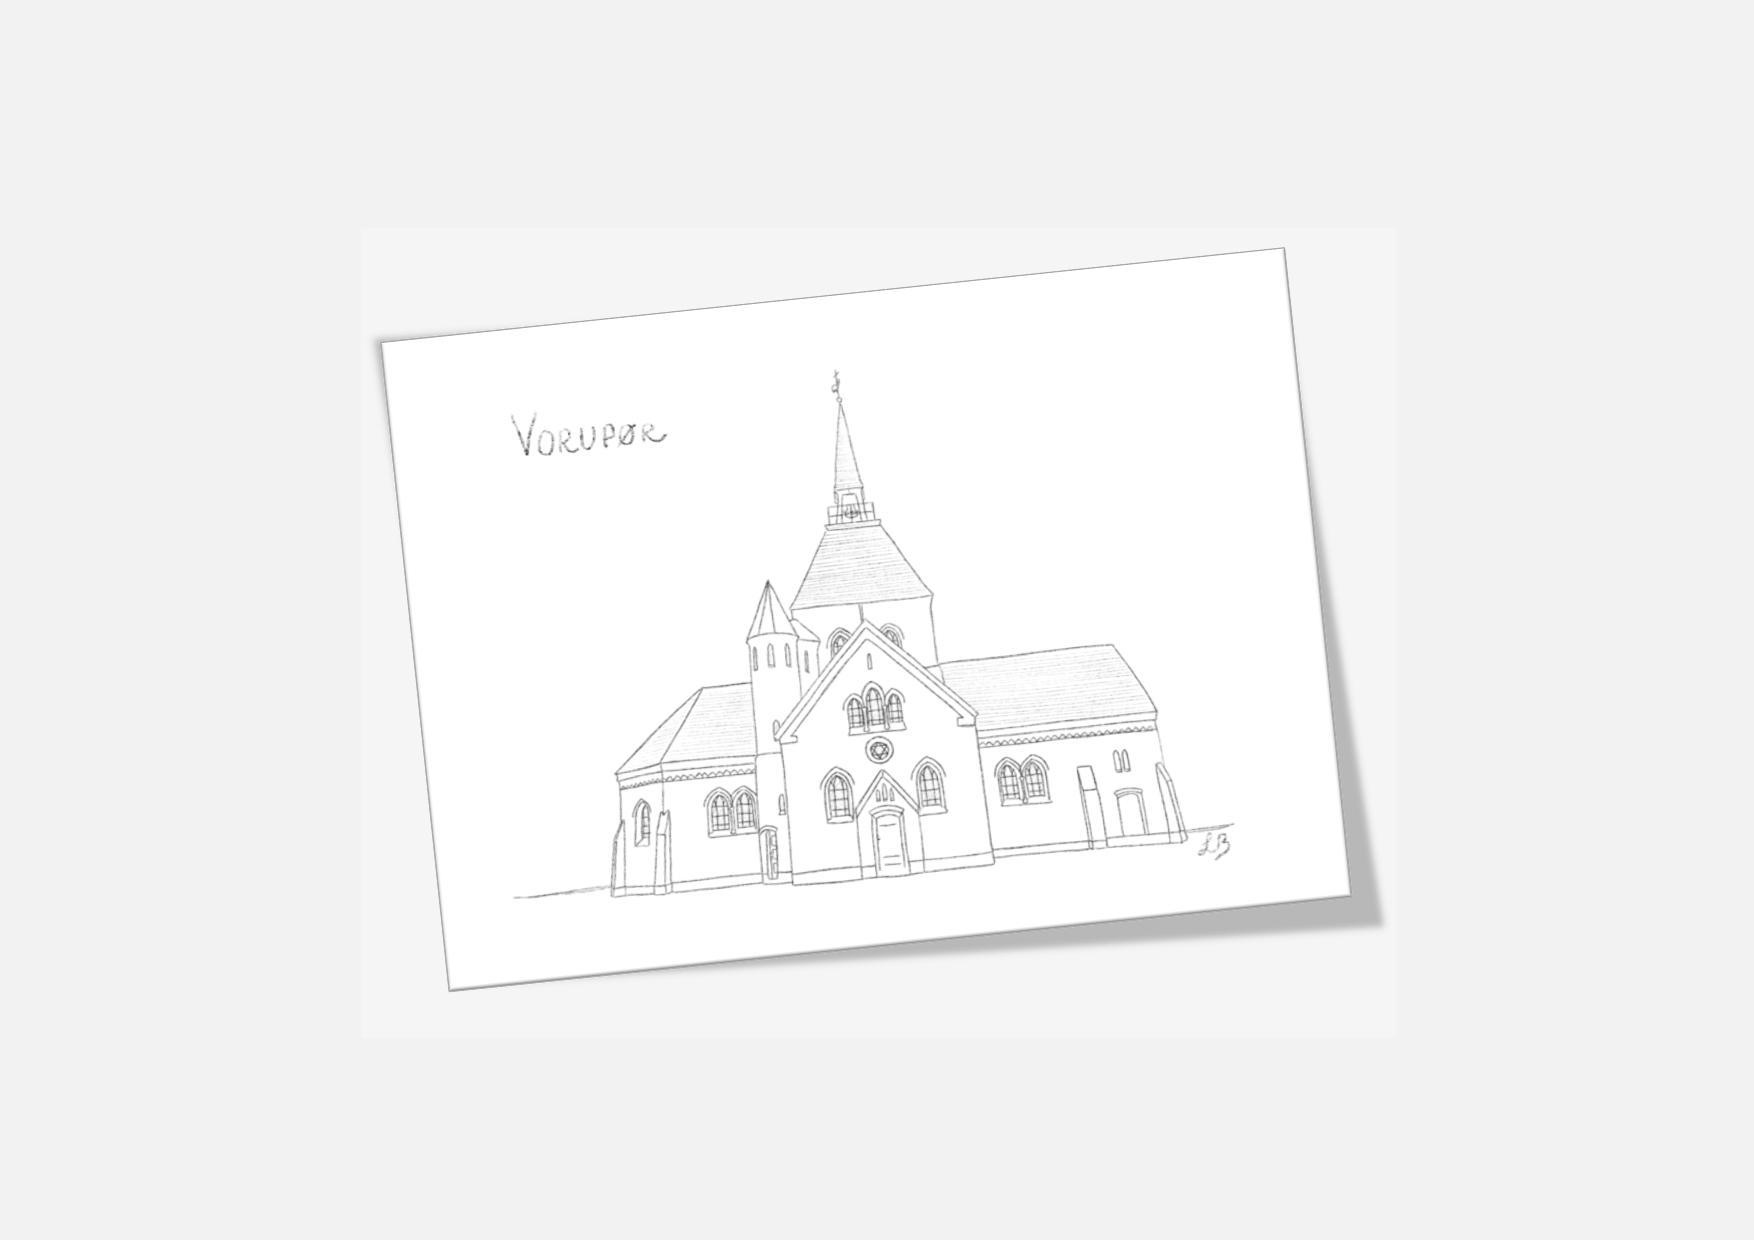 Kreative Lise - Lokale kort fra THY - Vorupør Kirke